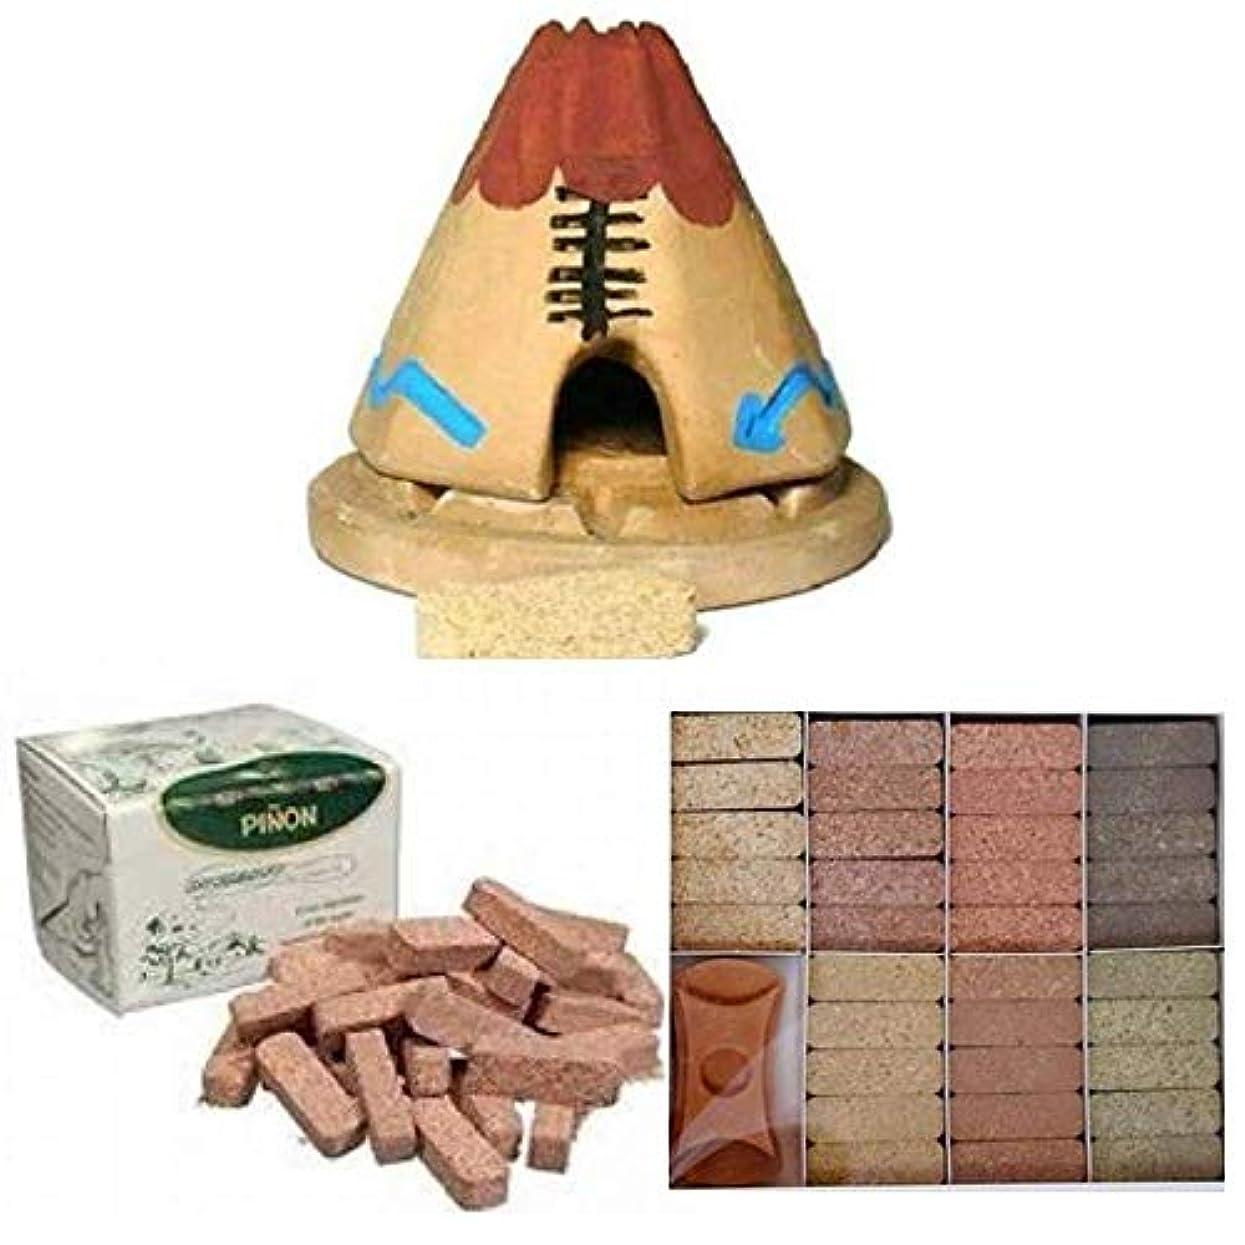 フック余剰ラフトTeepee Incense Burner with 20 Pinon Natural Wood Incense, 40 Pinon Natural Wood Incense, 7 Scent Sampler Wood...